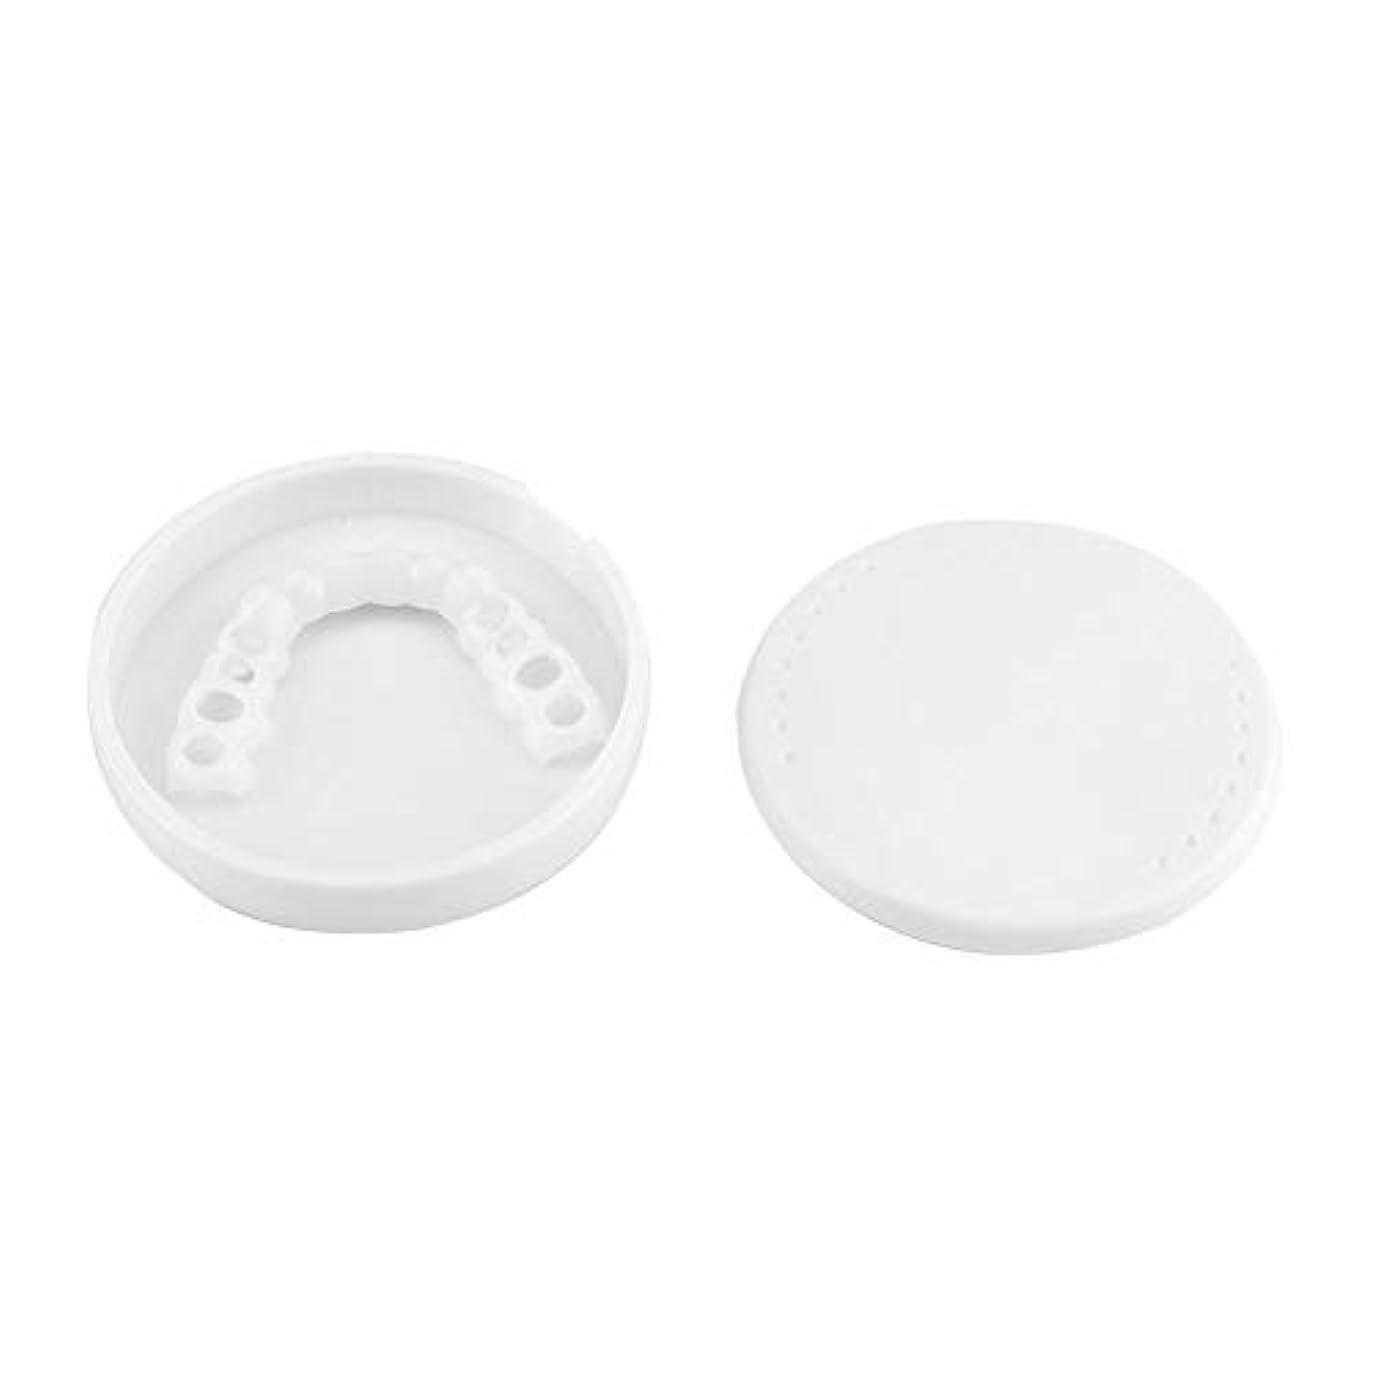 障害乳白色ラップSalinr インスタント 完璧なベニヤの歯スナップキャップを白く 一時的な化粧品歯義 歯化粧品シミュレーション 白くする歯カバー フィットフレックス歯ベニア上の歯+下歯のセット